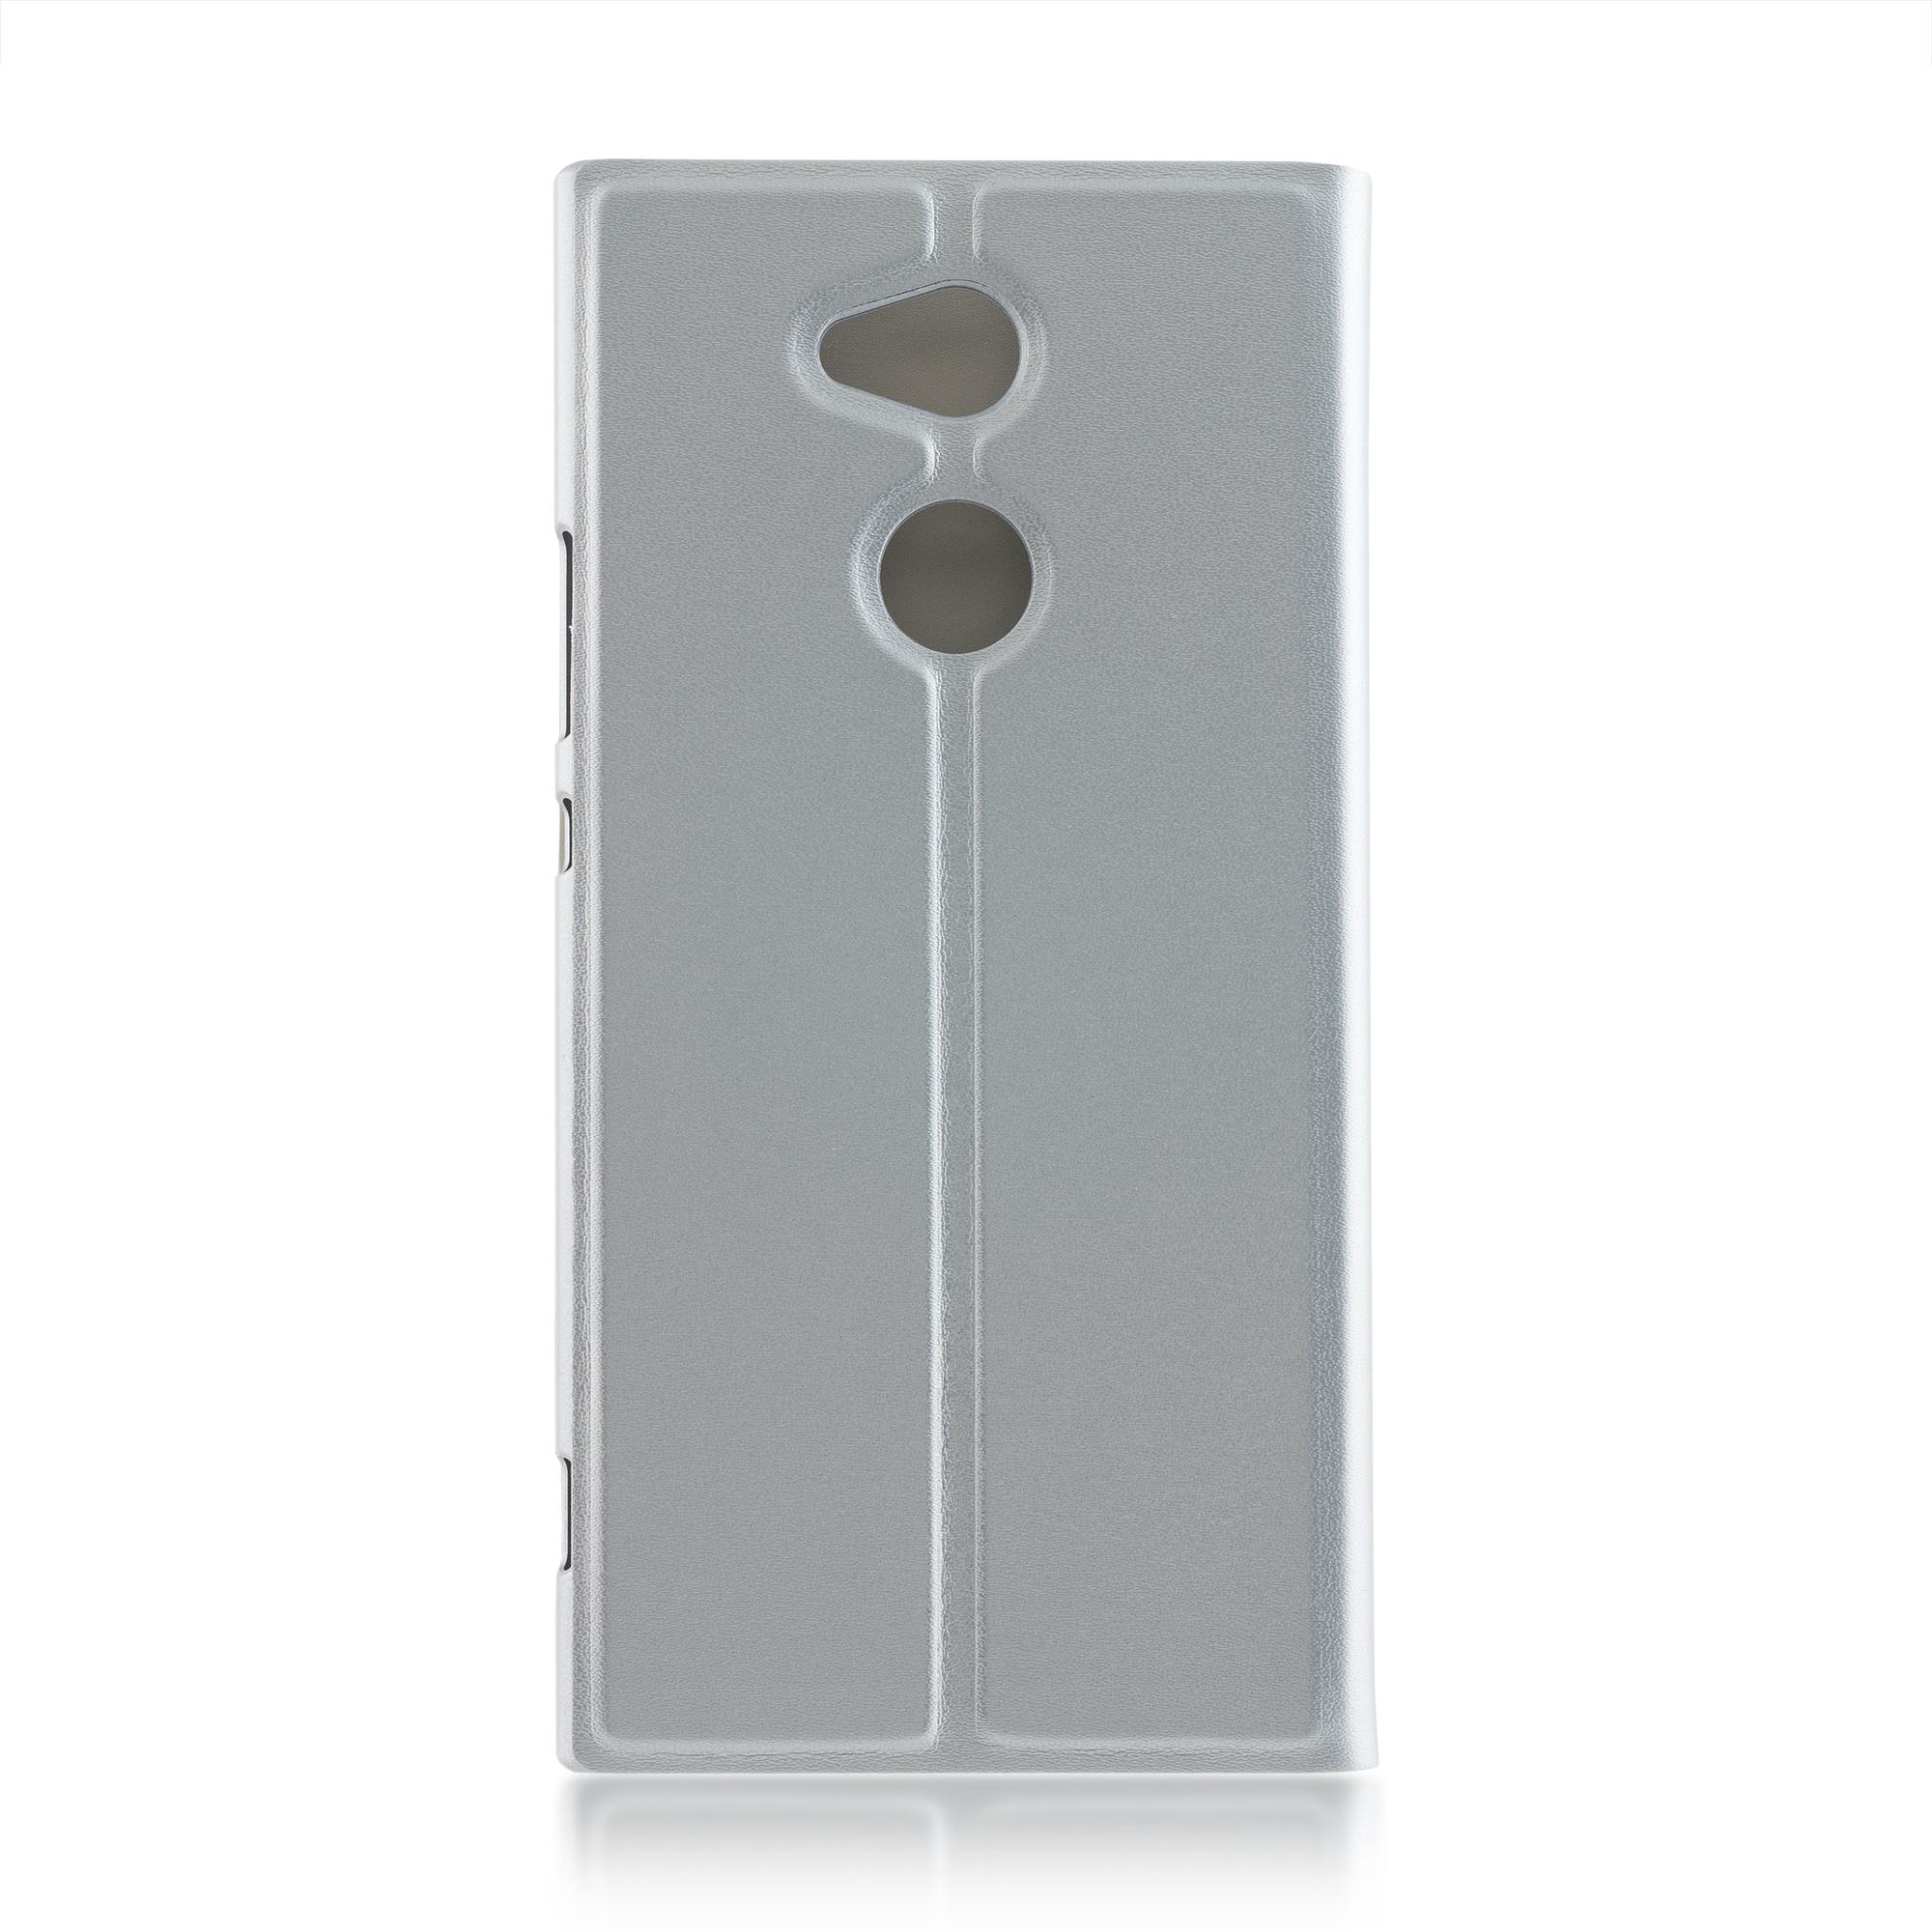 Чехол-книжка для Xperia XA2 Ultra серебристого цвета в Sony Centre Воронеж